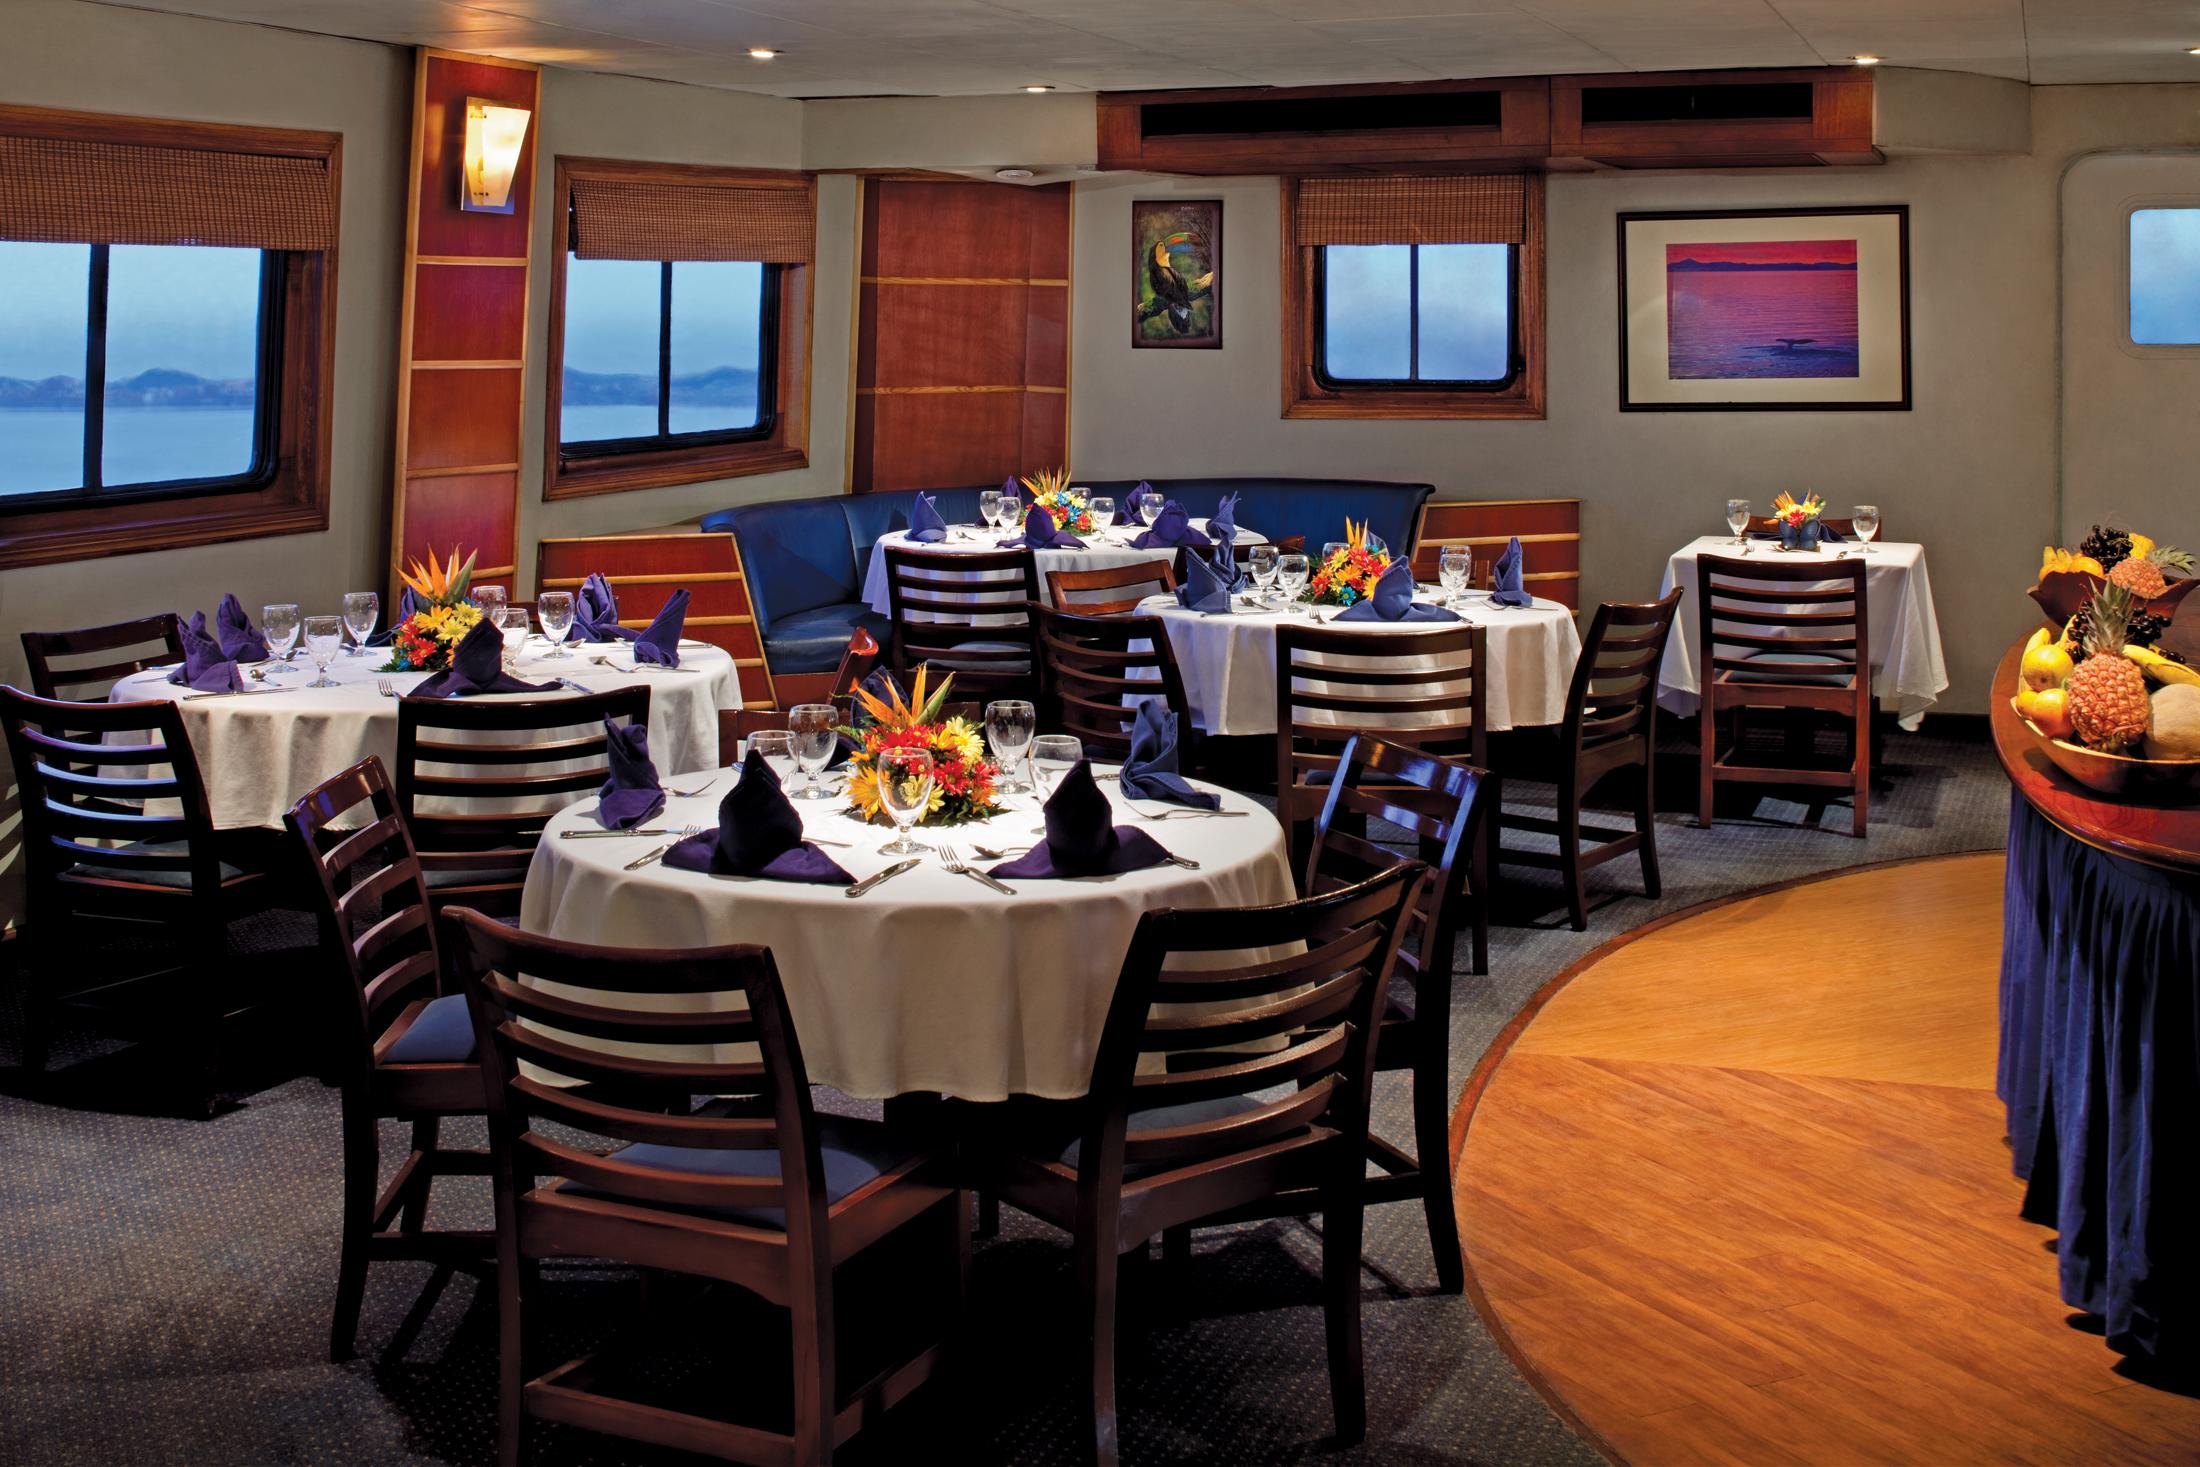 Safari Dining Room Ideas